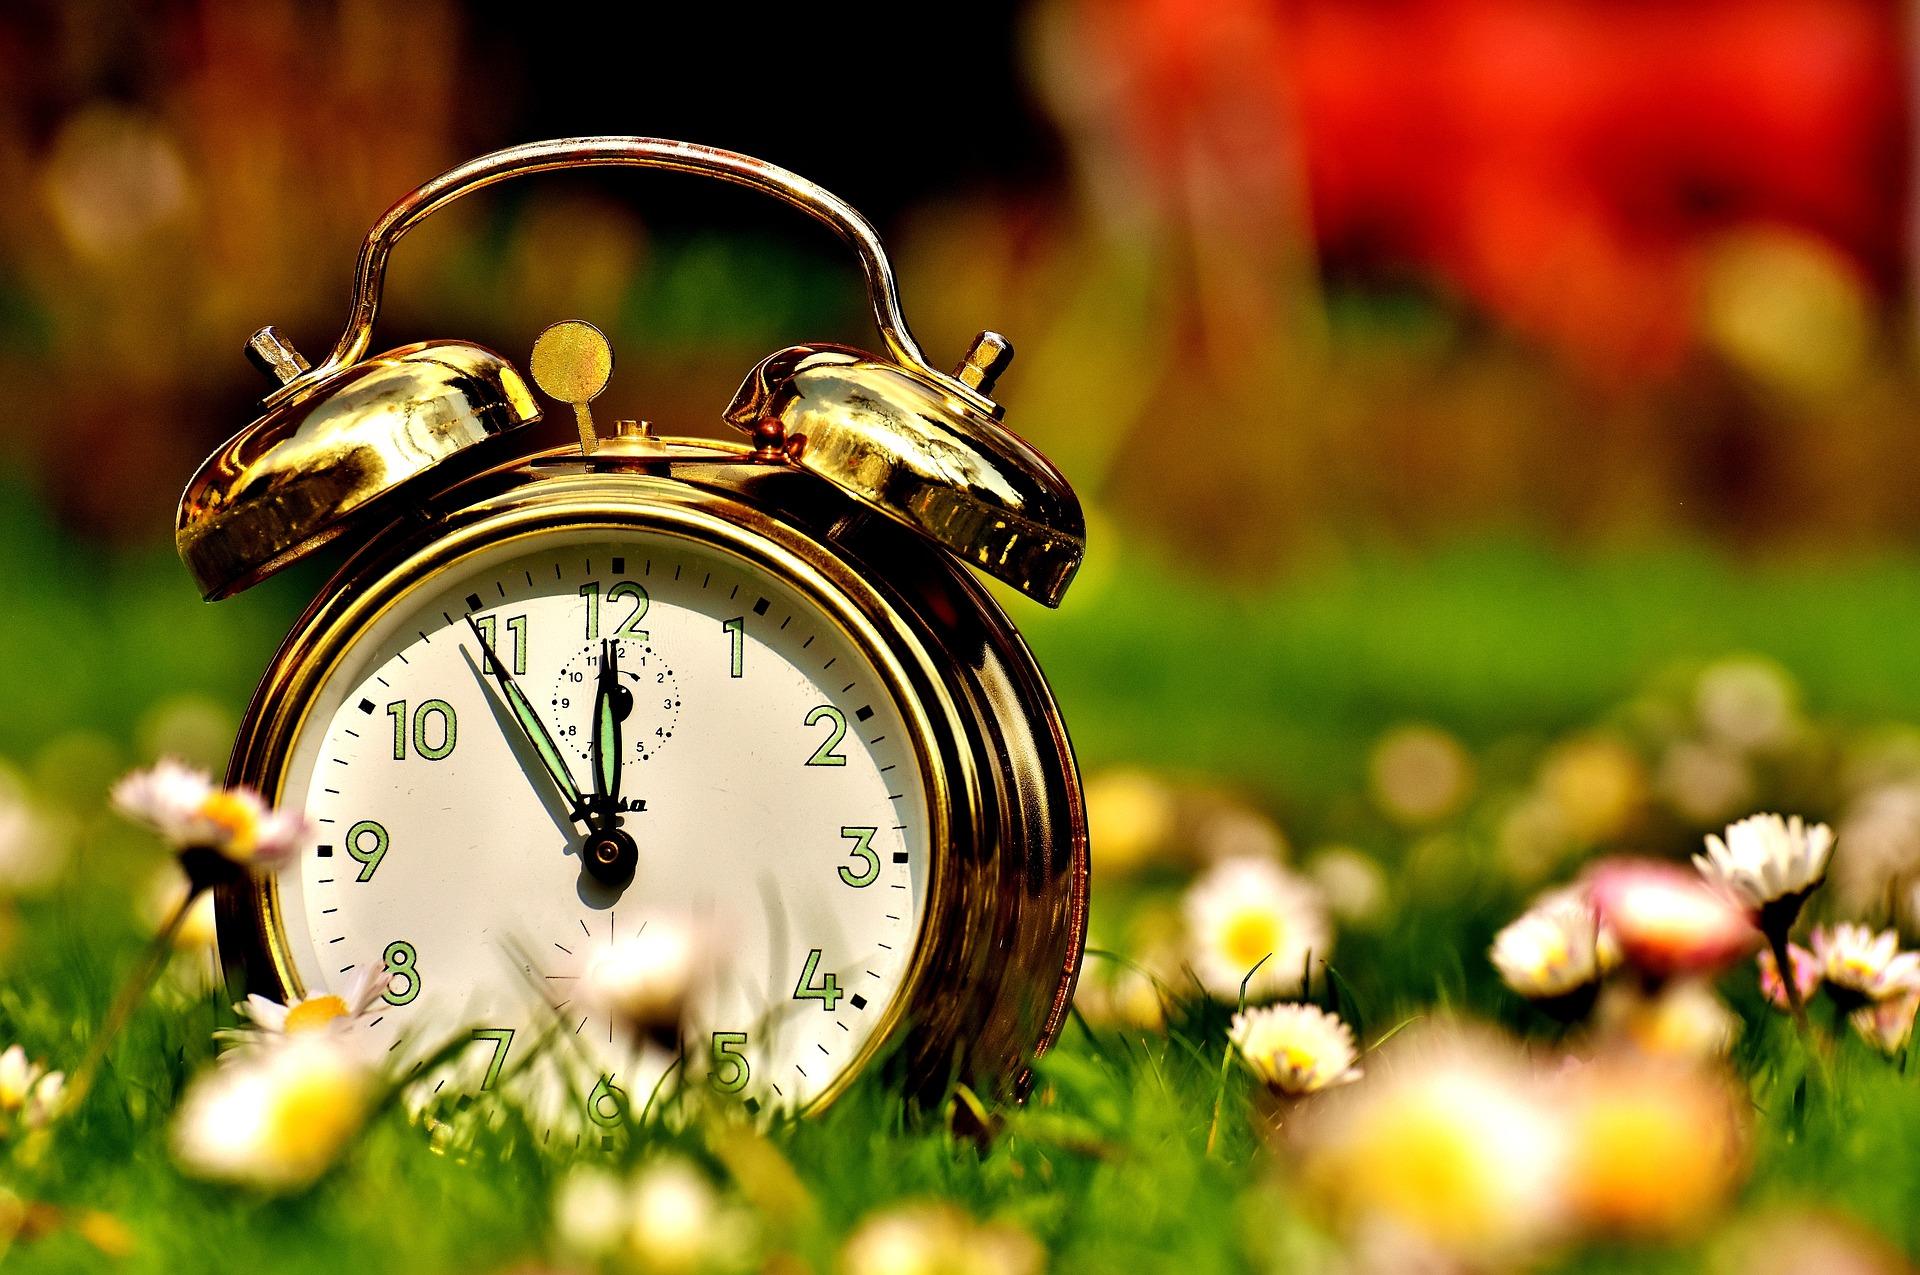 climate clock, orologio, clima, ambiente, terra, pianeta, emissioni, riscaldamento, temperatura, cambiamento climatico, effetti, conseguenze, natura, impatto, roma, transizione ecologica, combustibili fossili, Energy Close-up Engineering